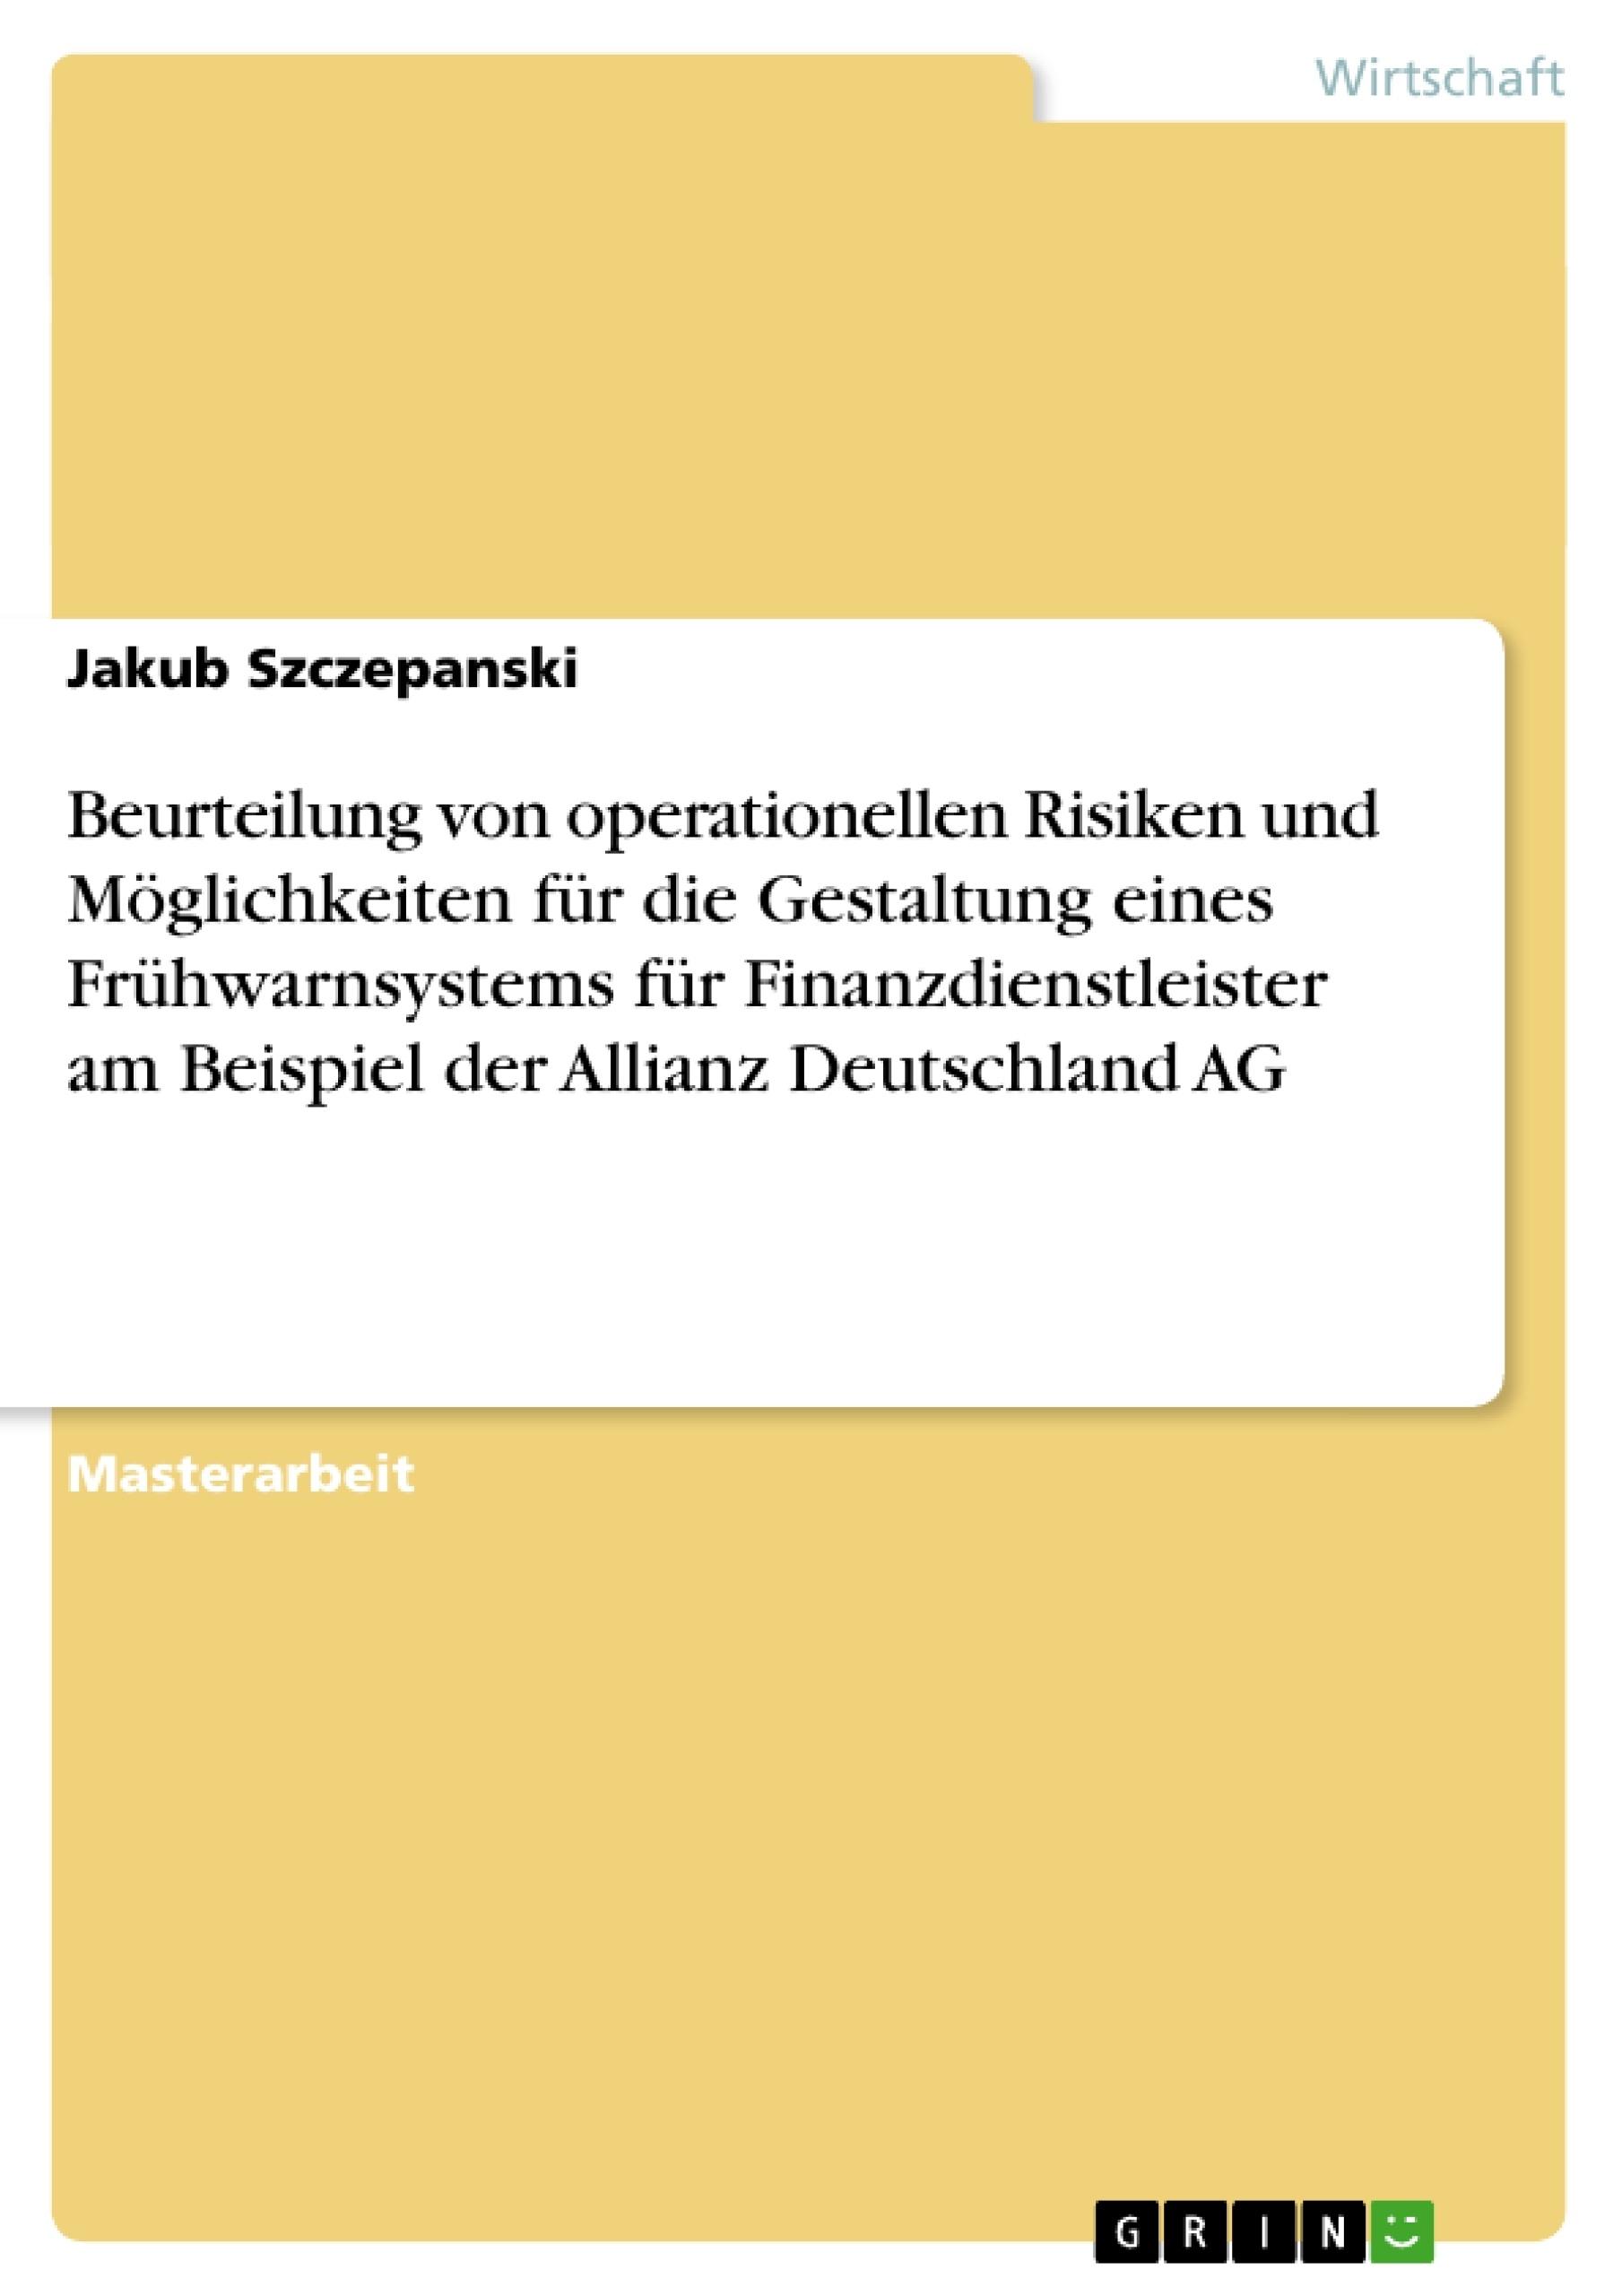 Titel: Beurteilung von operationellen Risiken und Möglichkeiten für die Gestaltung eines Frühwarnsystems für Finanzdienstleister am Beispiel der Allianz Deutschland AG